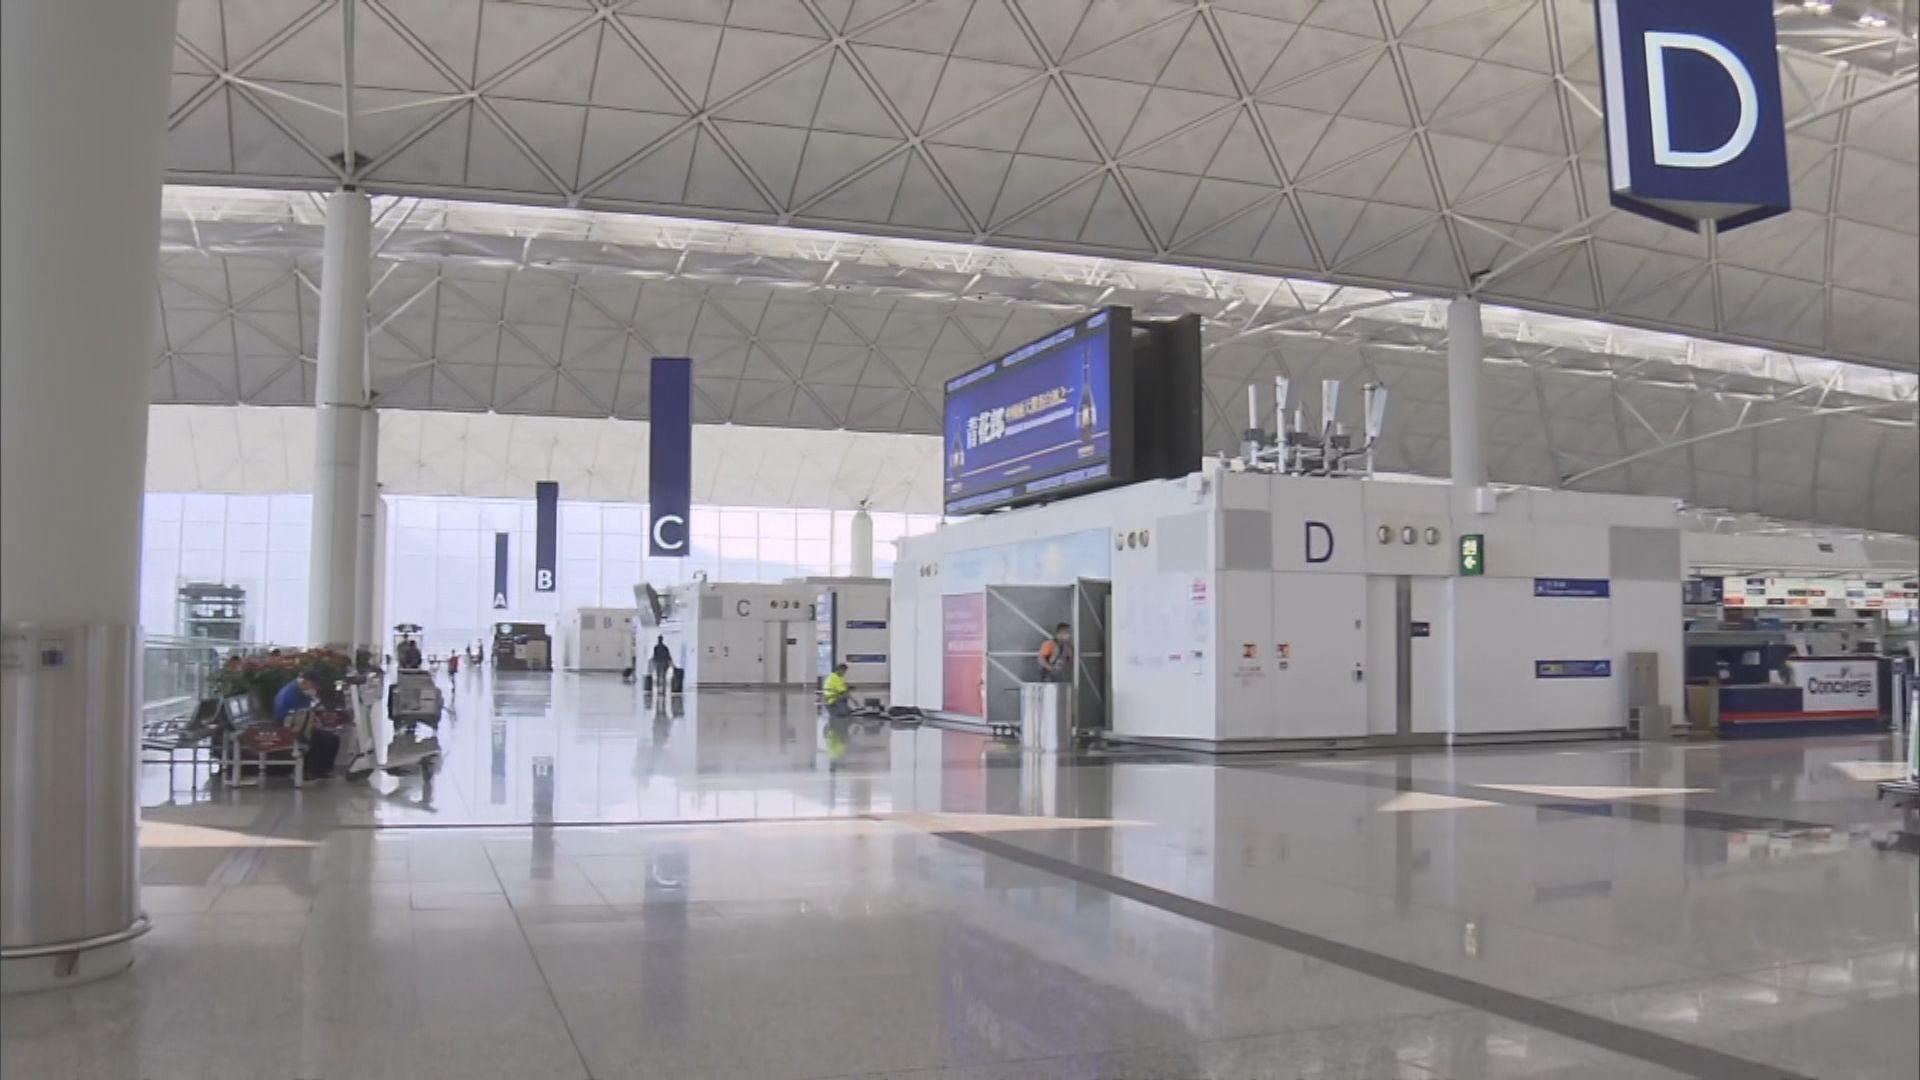 機管局指周一起飛北京旅客須具有效病毒檢測證明